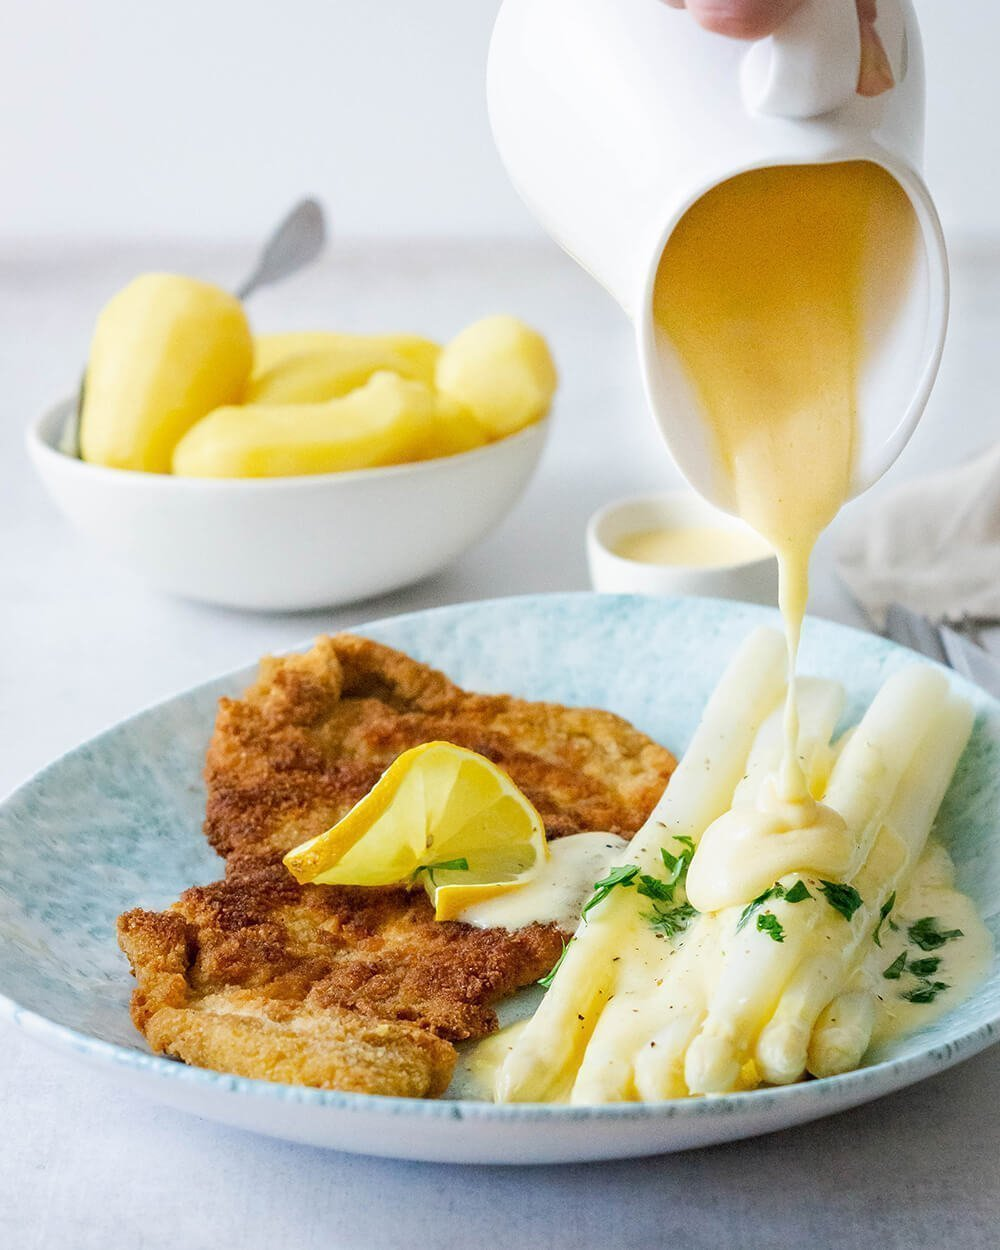 Schnitzel Wiener Art mit weißem Spargel und selbstgemachter Sauce Hollandaise